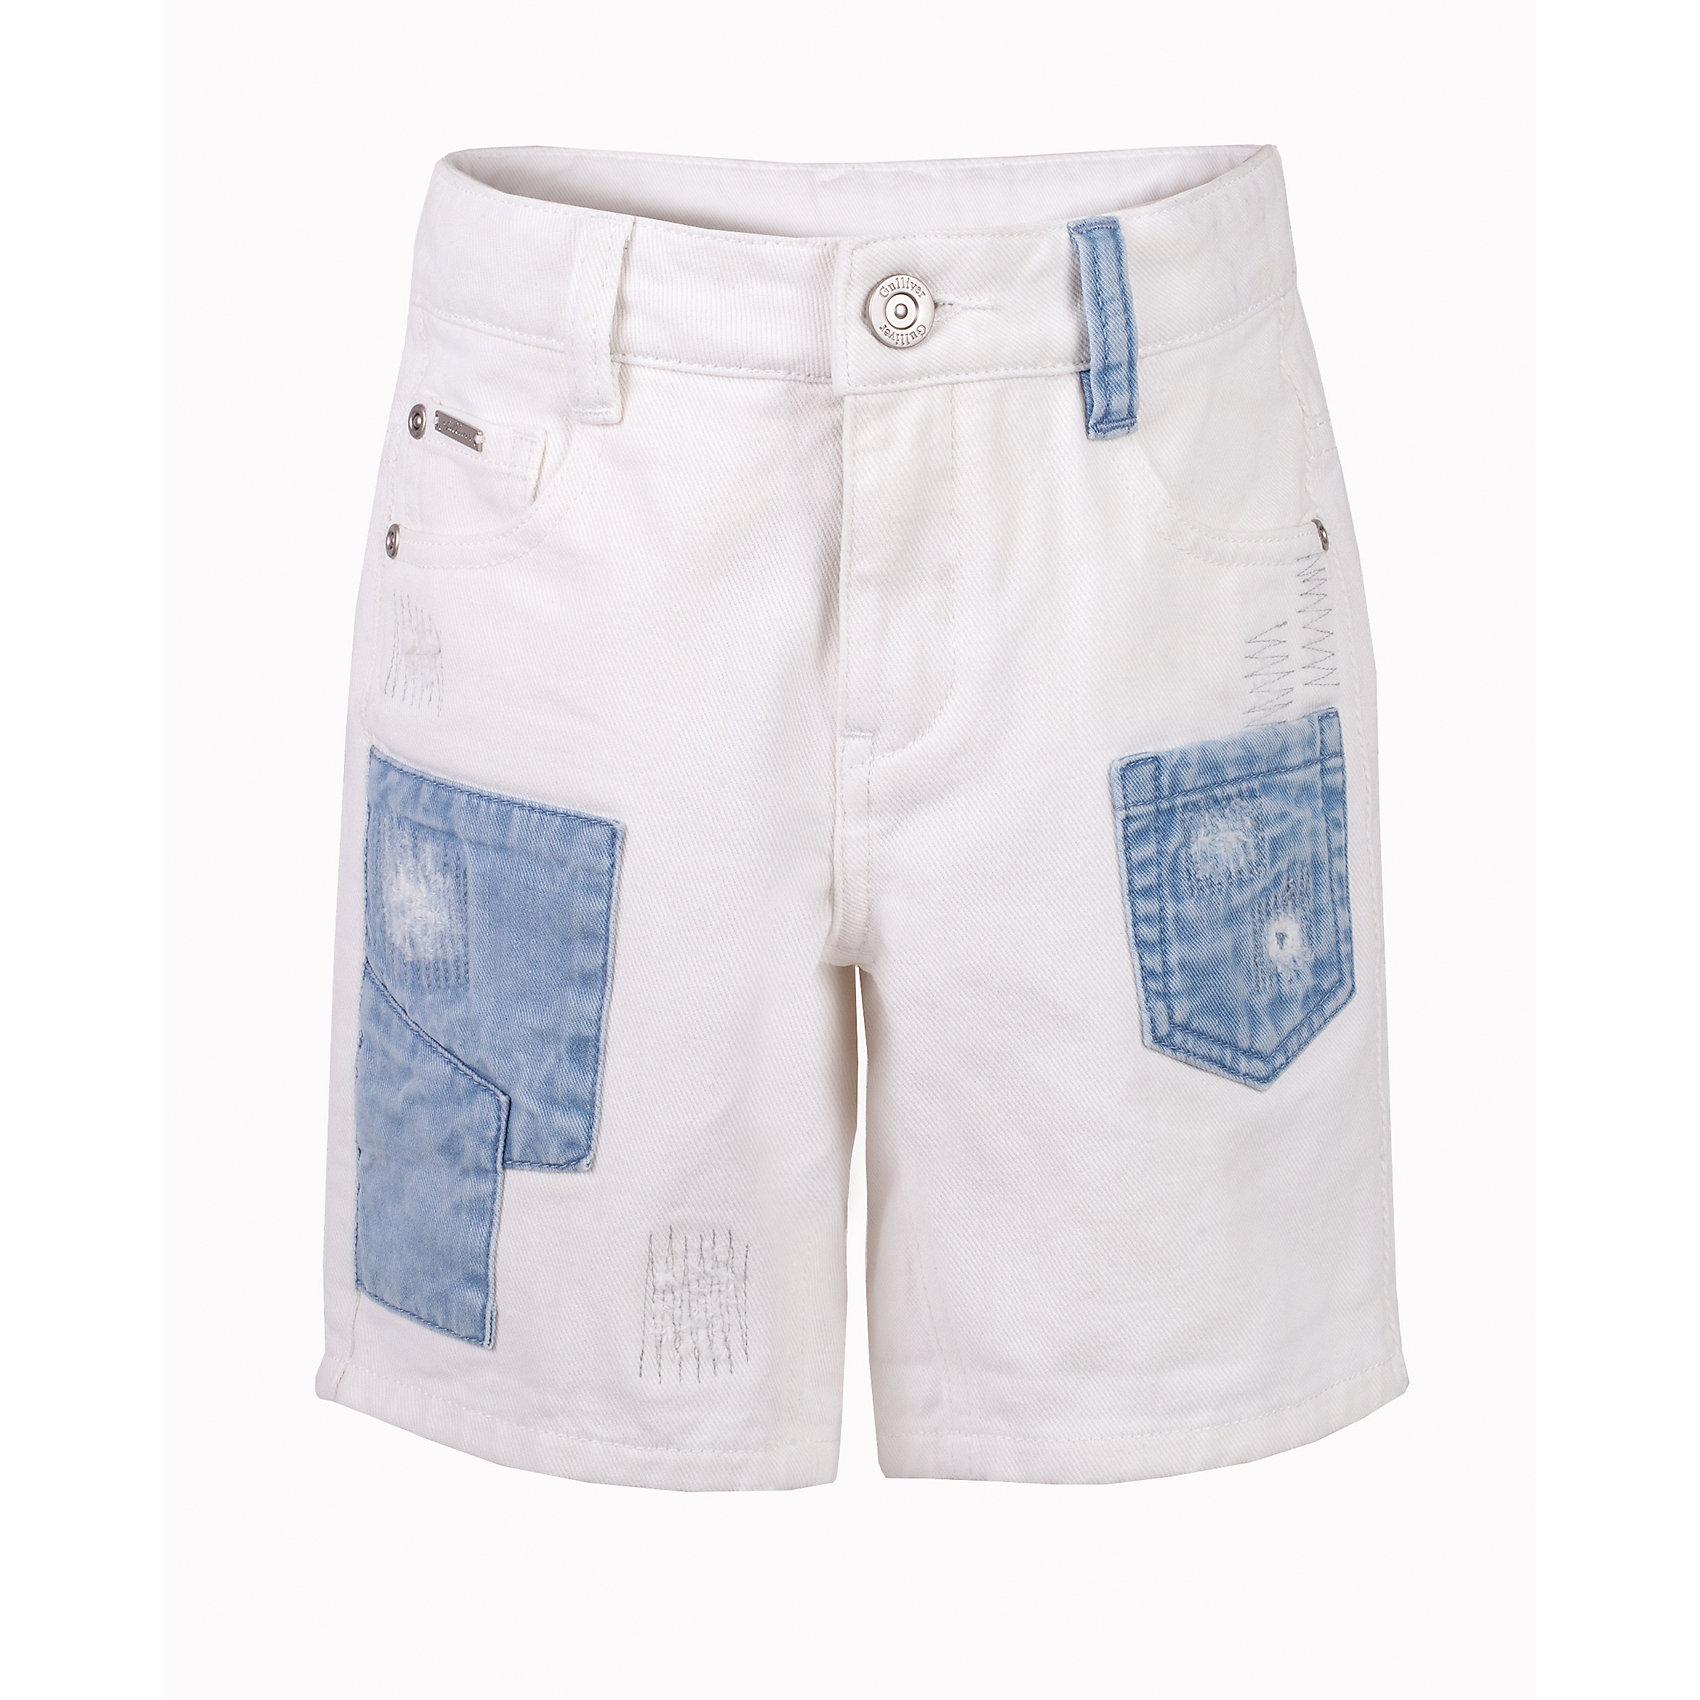 Шорты джинсовые для мальчика GulliverШорты, бриджи, капри<br>Модные джинсовые шорты для мальчика - изделие из разряда must have! Их необходимость в летнем сезоне давно доказана! Но выбрать шорты, отвечающие и функциональным, и стилистическим требованиям, не так-то просто. Мы давно привыкли к варке, потертостям, повреждениям, но дизайнеры Gulliver в сезоне Весна/Лето 2017 предлагают обратить внимание на новый тренд. Заплатки! Они делают шорты яркими и необычными. Если вы идете в ногу со временем и хотите сформировать летний гардероб ребенка из модных интересных вещей, вам стоит купить детские шорты с джинсовыми заплатками и ваш ребенок, наверняка, их оценит!<br>Состав:<br>100% хлопок<br><br>Ширина мм: 191<br>Глубина мм: 10<br>Высота мм: 175<br>Вес г: 273<br>Цвет: белый<br>Возраст от месяцев: 108<br>Возраст до месяцев: 120<br>Пол: Мужской<br>Возраст: Детский<br>Размер: 140,122,134,128<br>SKU: 5482967